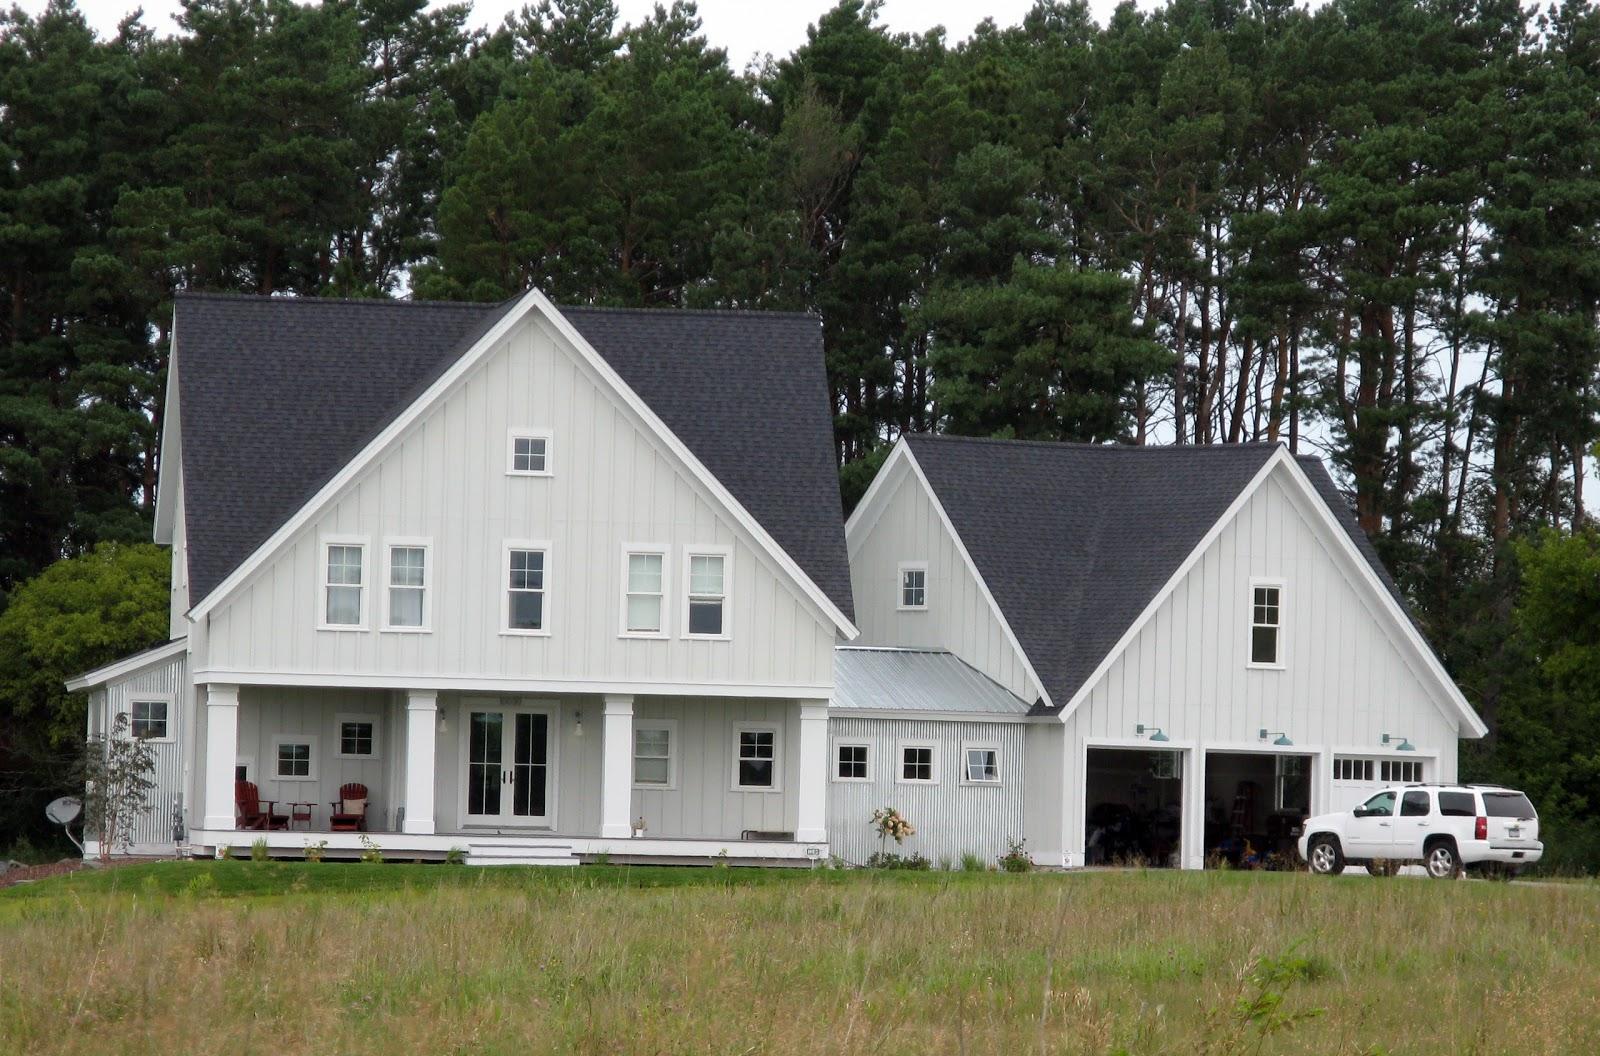 Simply elegant home designs blog work in progress for Simply elegant home designs